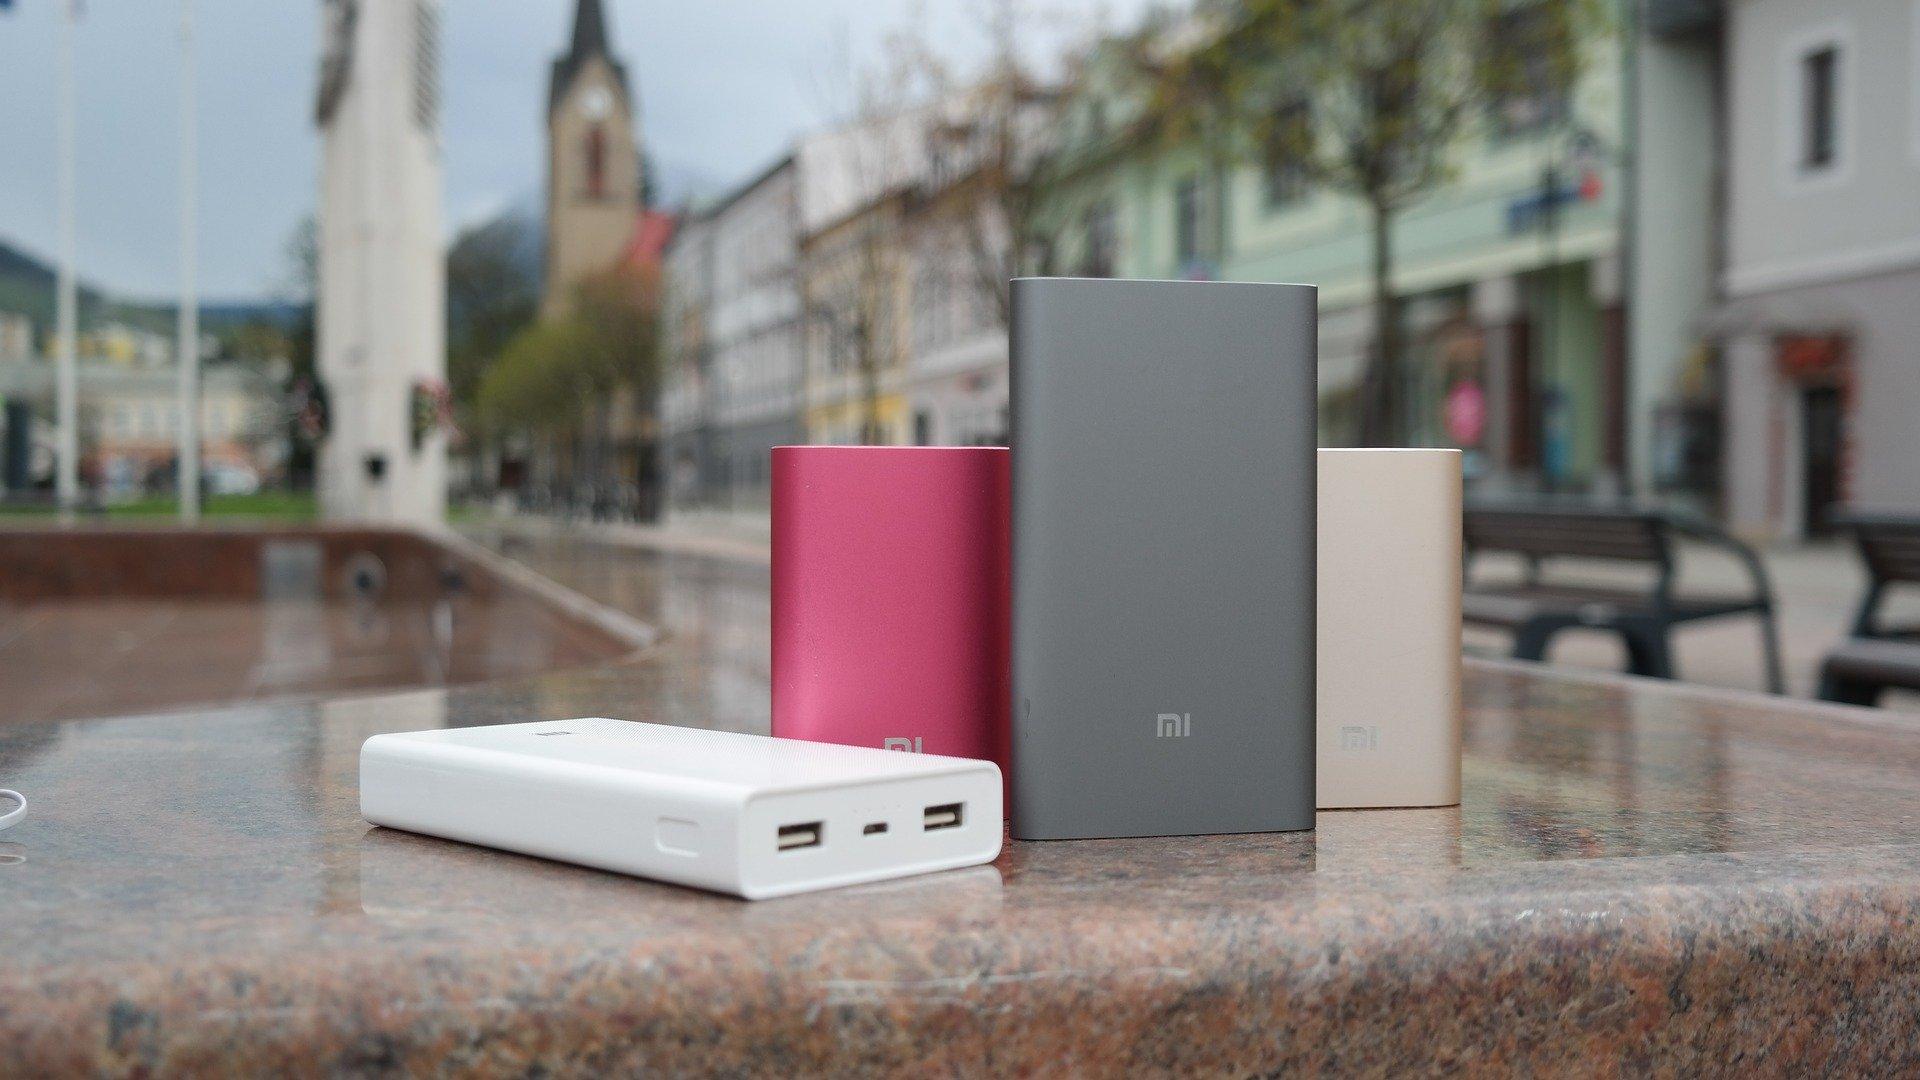 Imagem mostra quatro power banks da Xiaomi, de tamanhos e cores diferentes, apoiados sobre uma mureta de mármore.